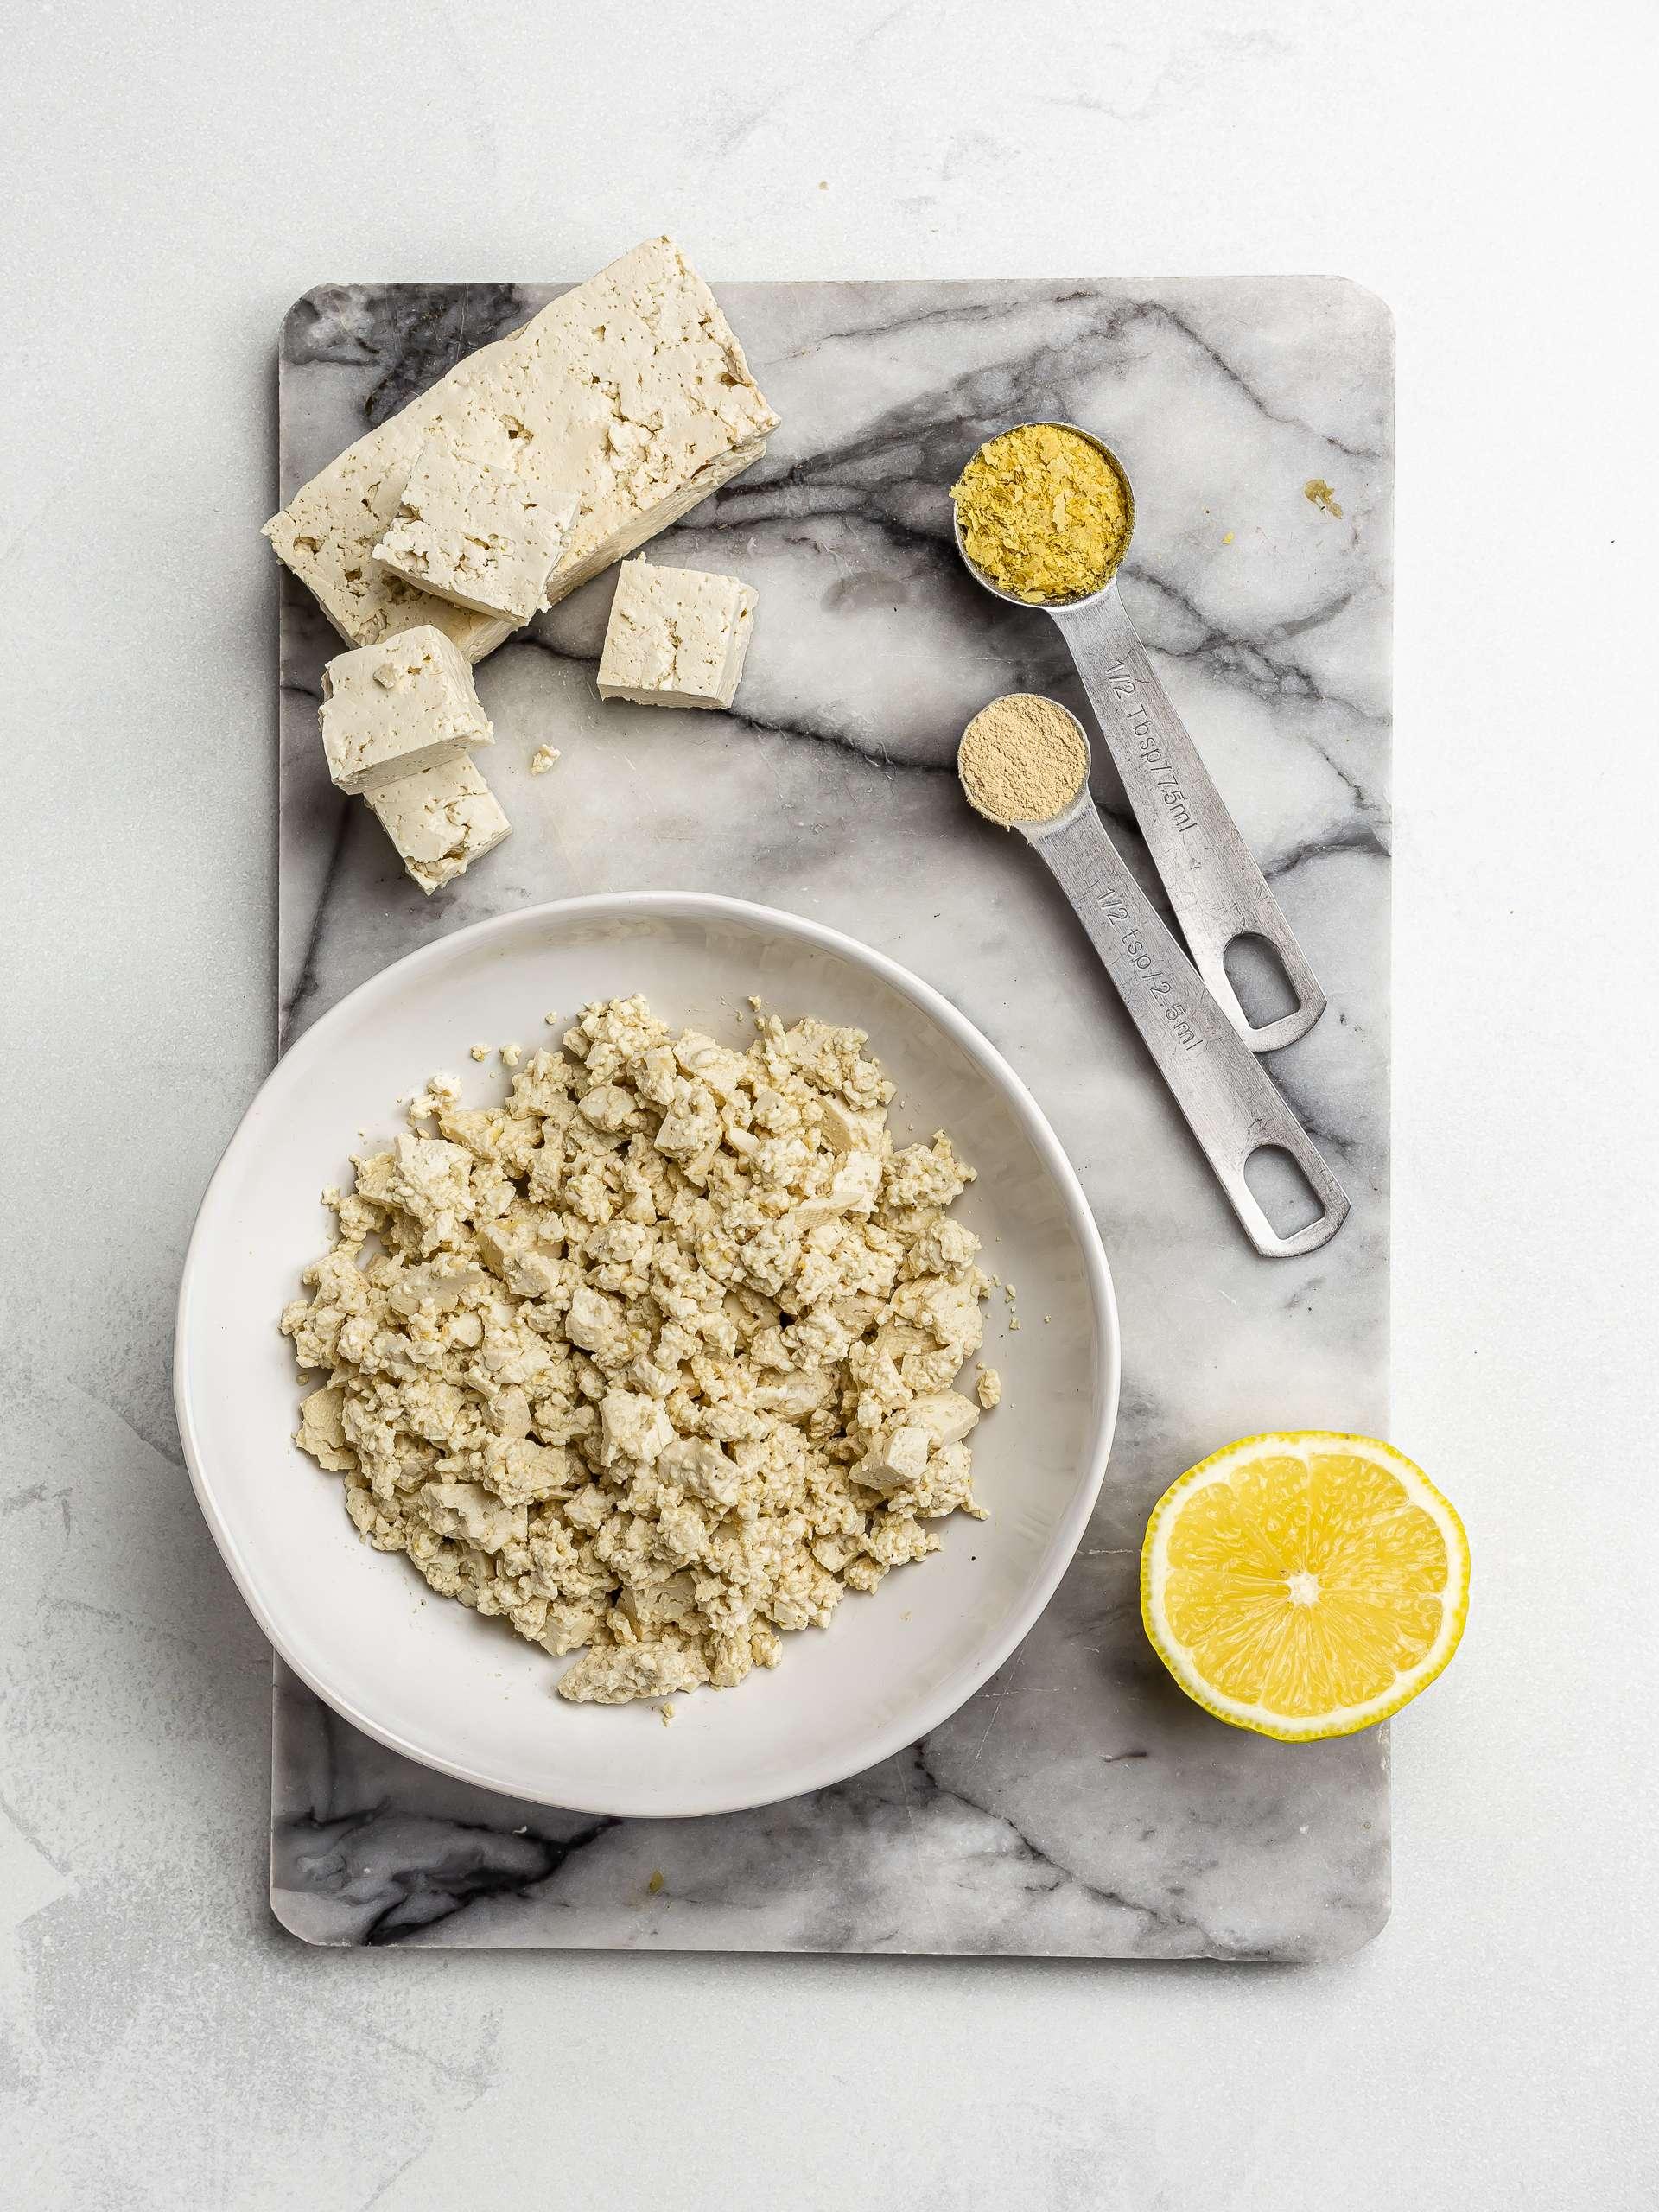 seasoned crumbled tofu